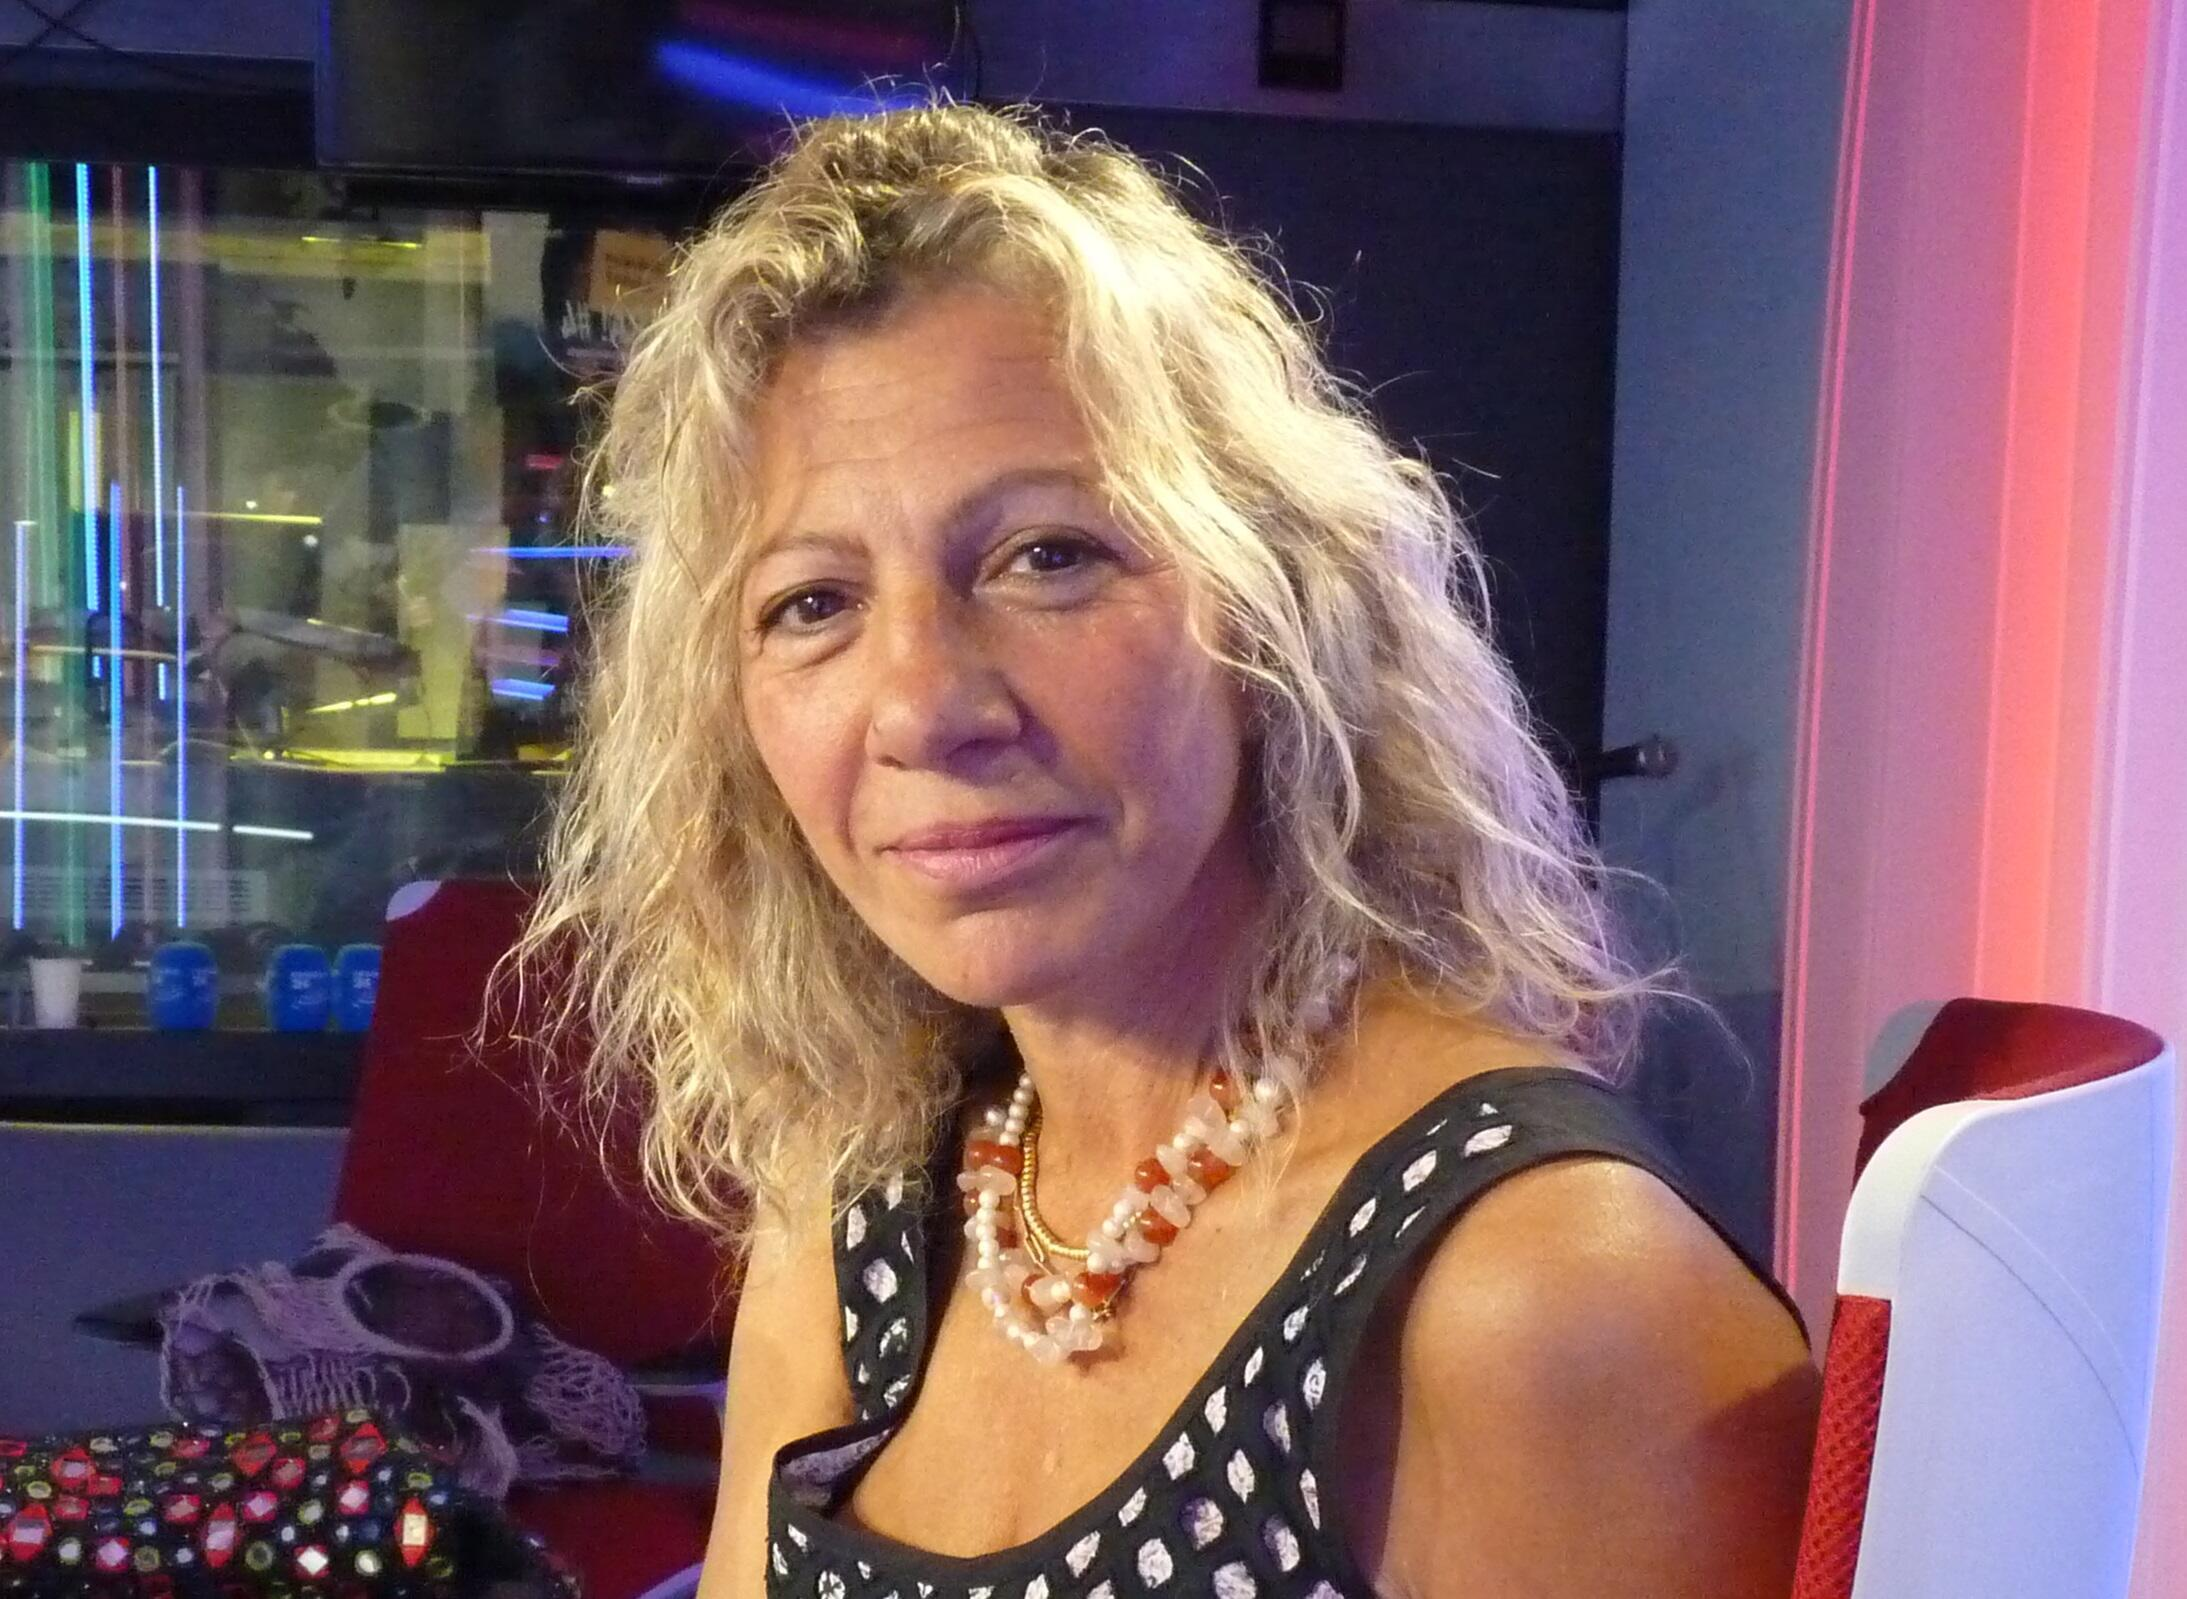 Julieta Hanono en los estudios de RFI